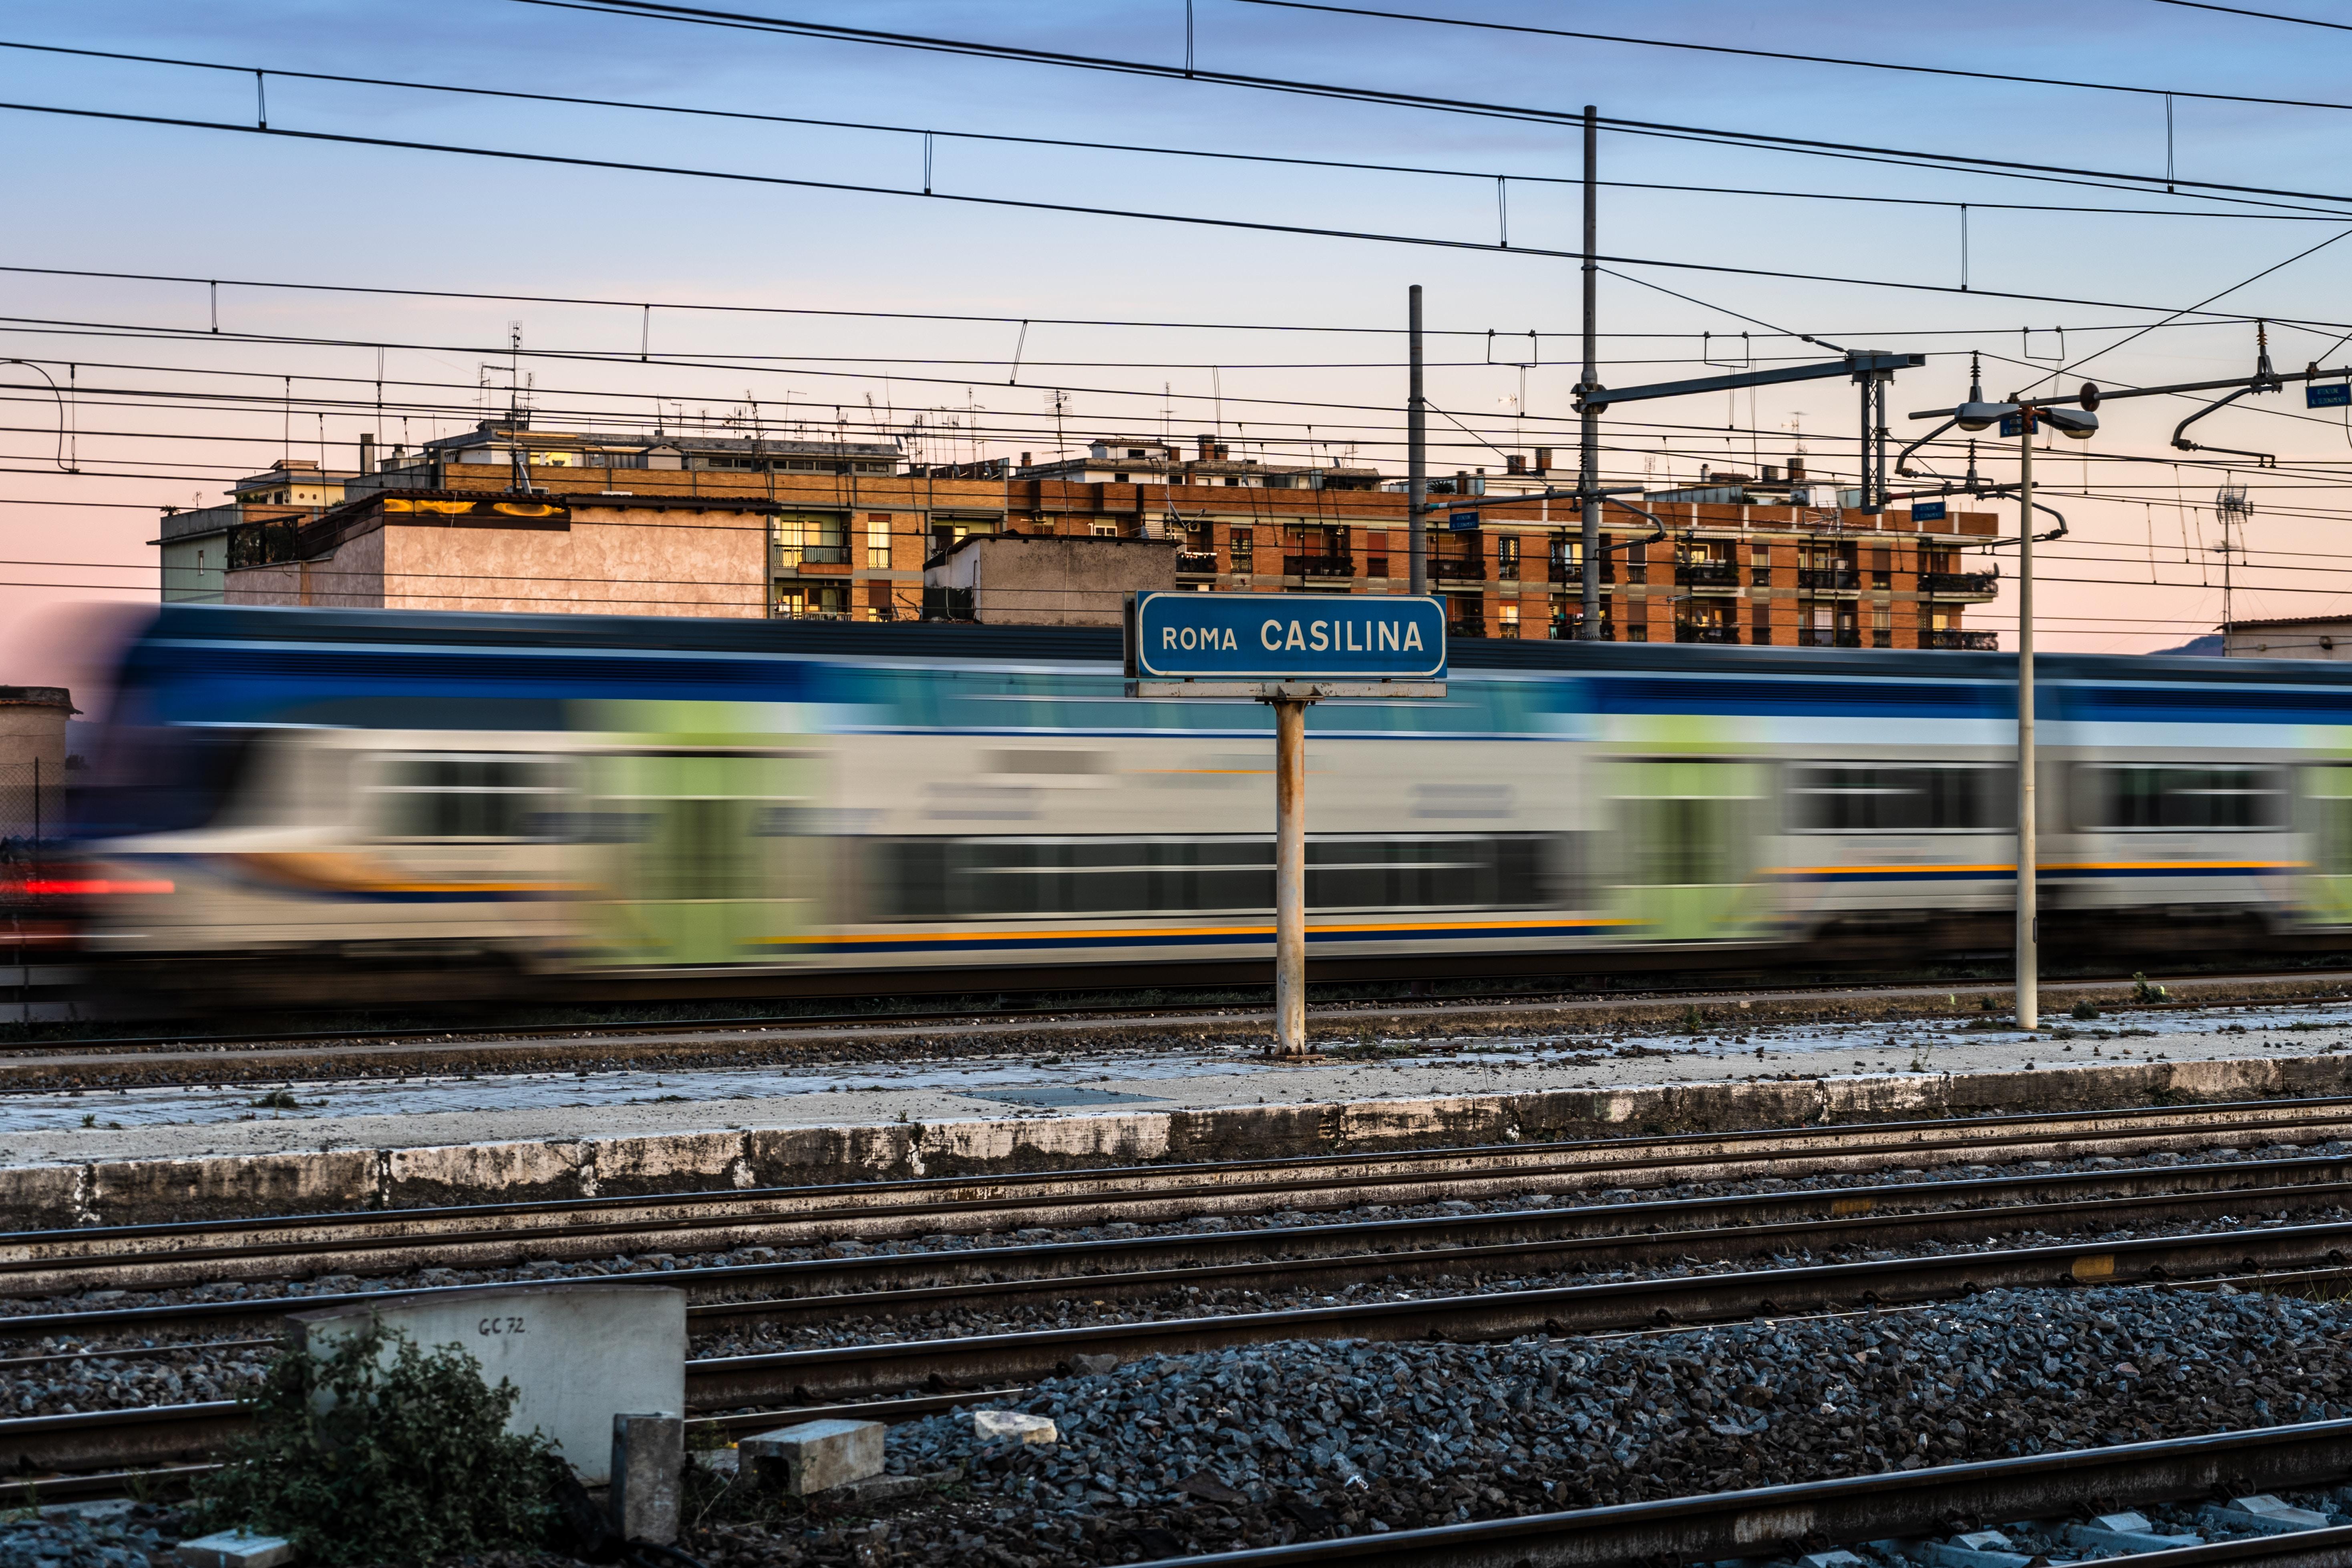 train passing through